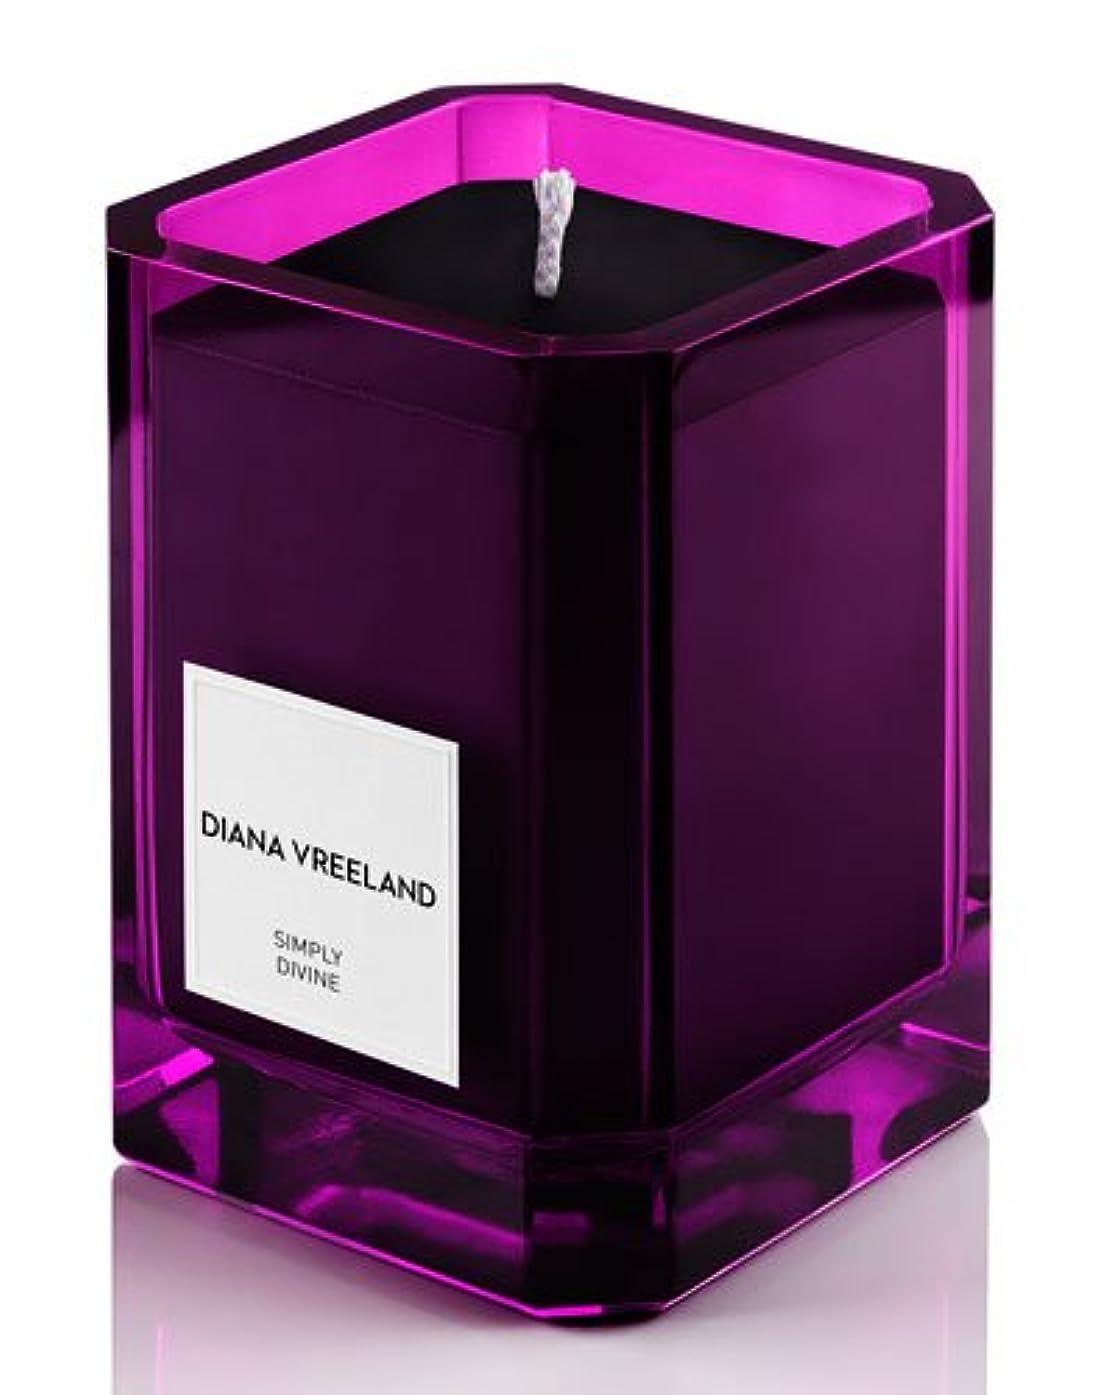 勤勉価格推測するDiana Vreeland Simply Divine(ダイアナ ヴリーランド シンプリーディヴァイン)3.4 oz (100ml) Candle(香り付きキャンドル)